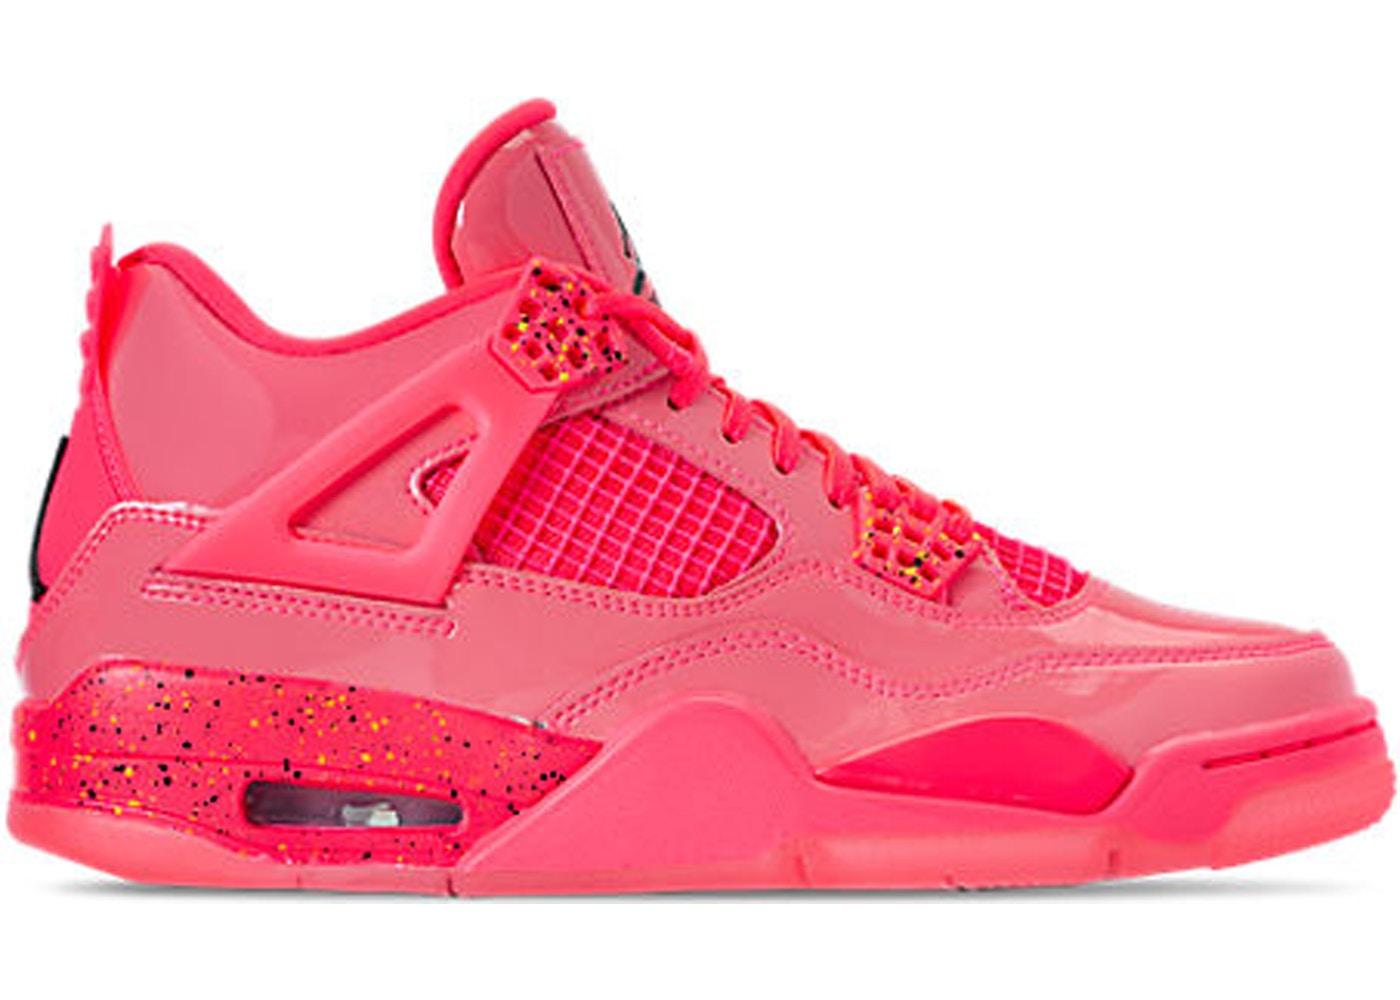 22d96b9f71ab32 Buy Air Jordan 4 Shoes   Deadstock Sneakers